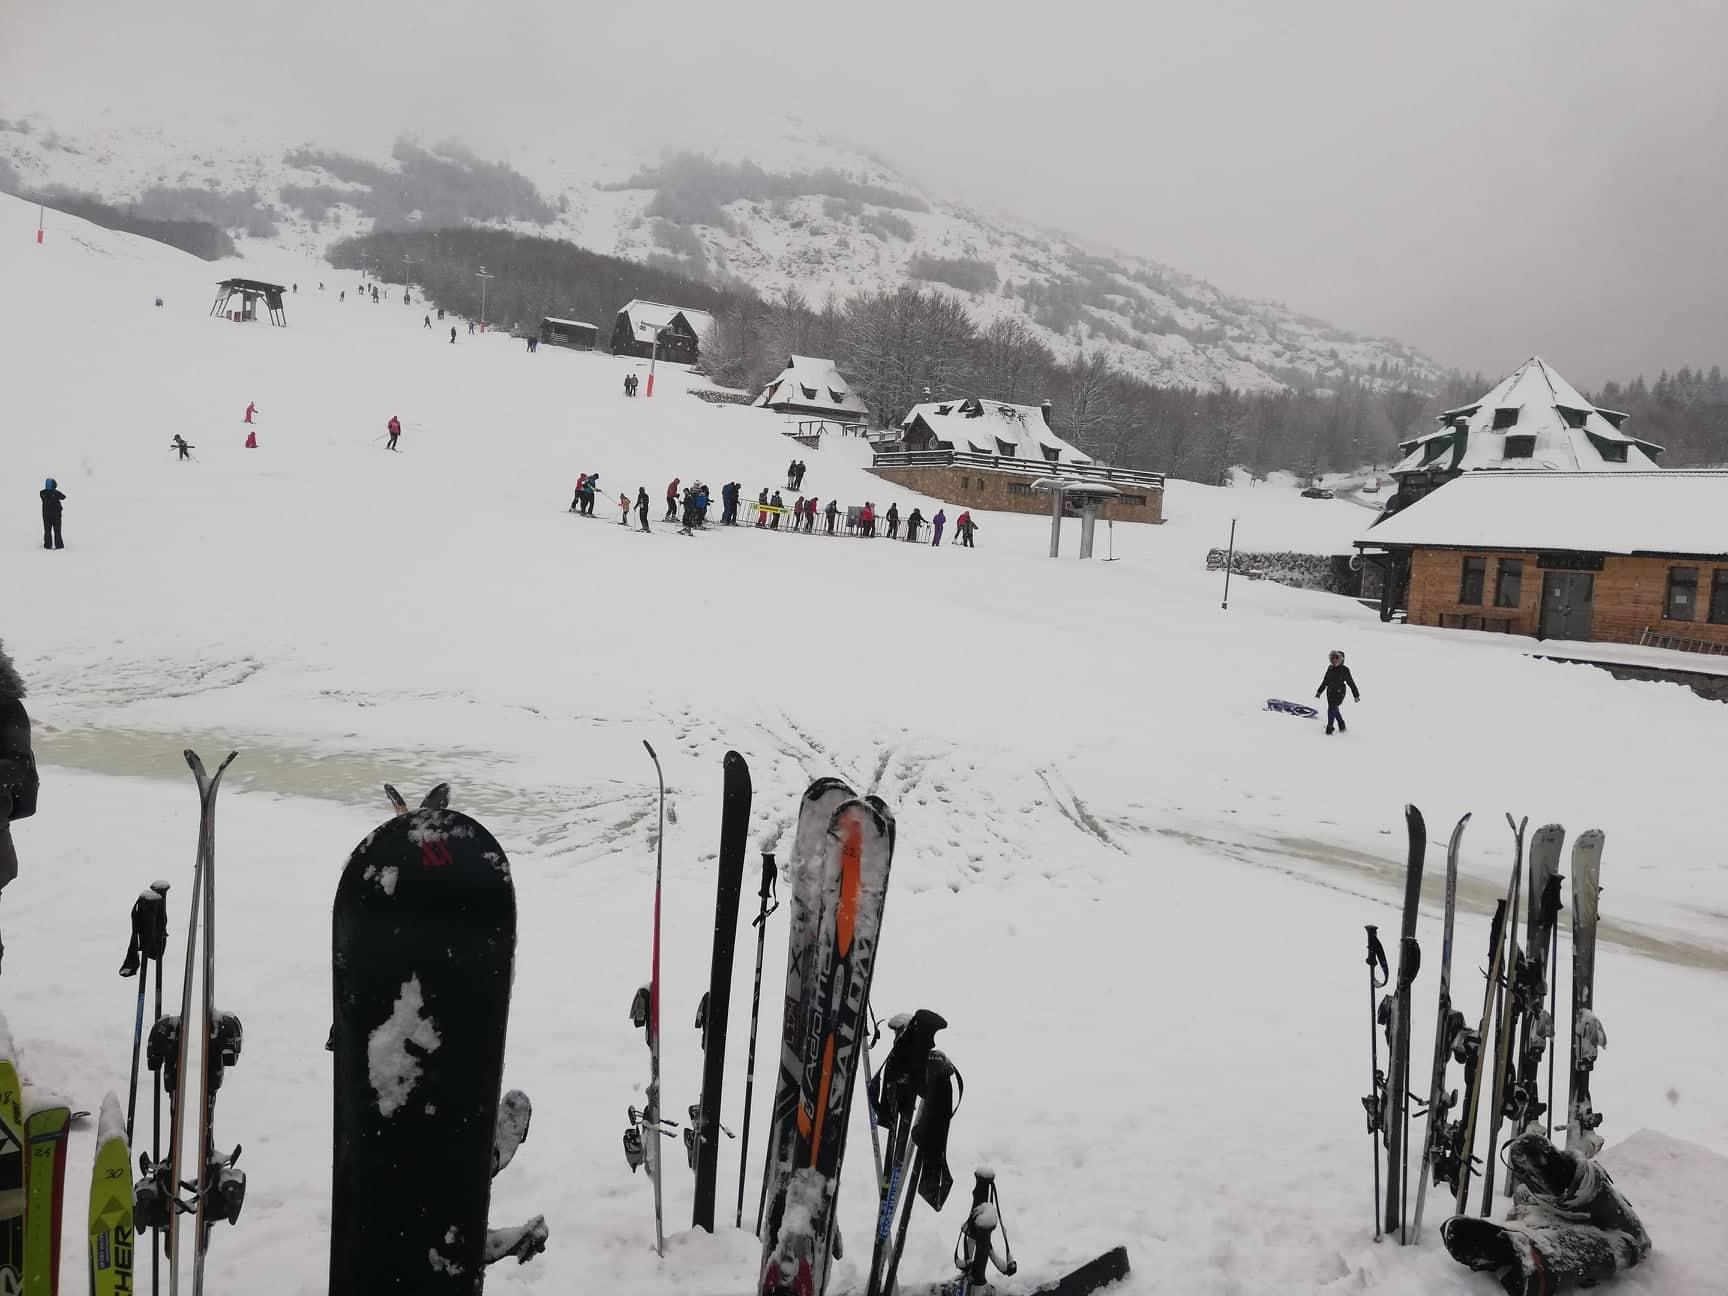 Dolazi zimska sezona: Bogat sadržaj na snijegu, manifestacije na primorju